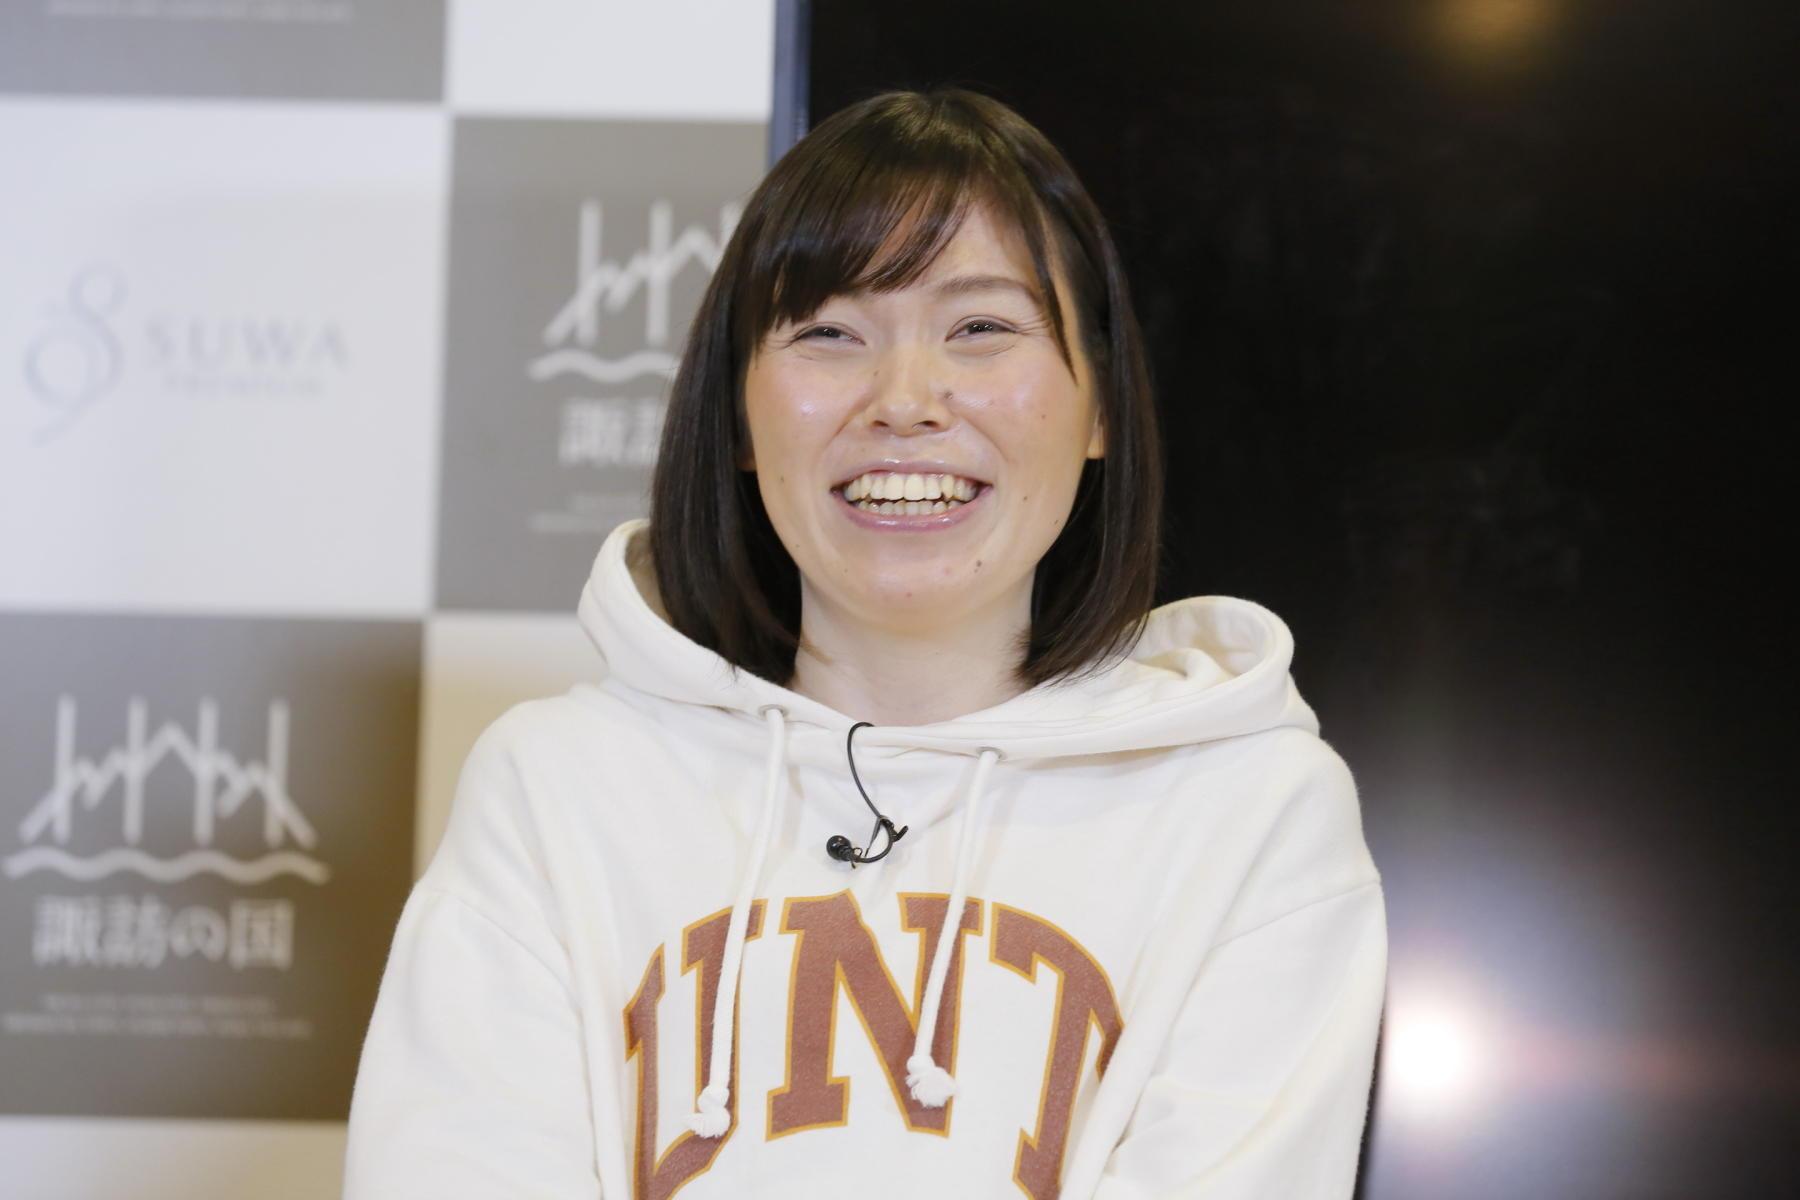 http://news.yoshimoto.co.jp/20171108161342-338329740507e18755a415ad8c414b66e97d3323.jpg